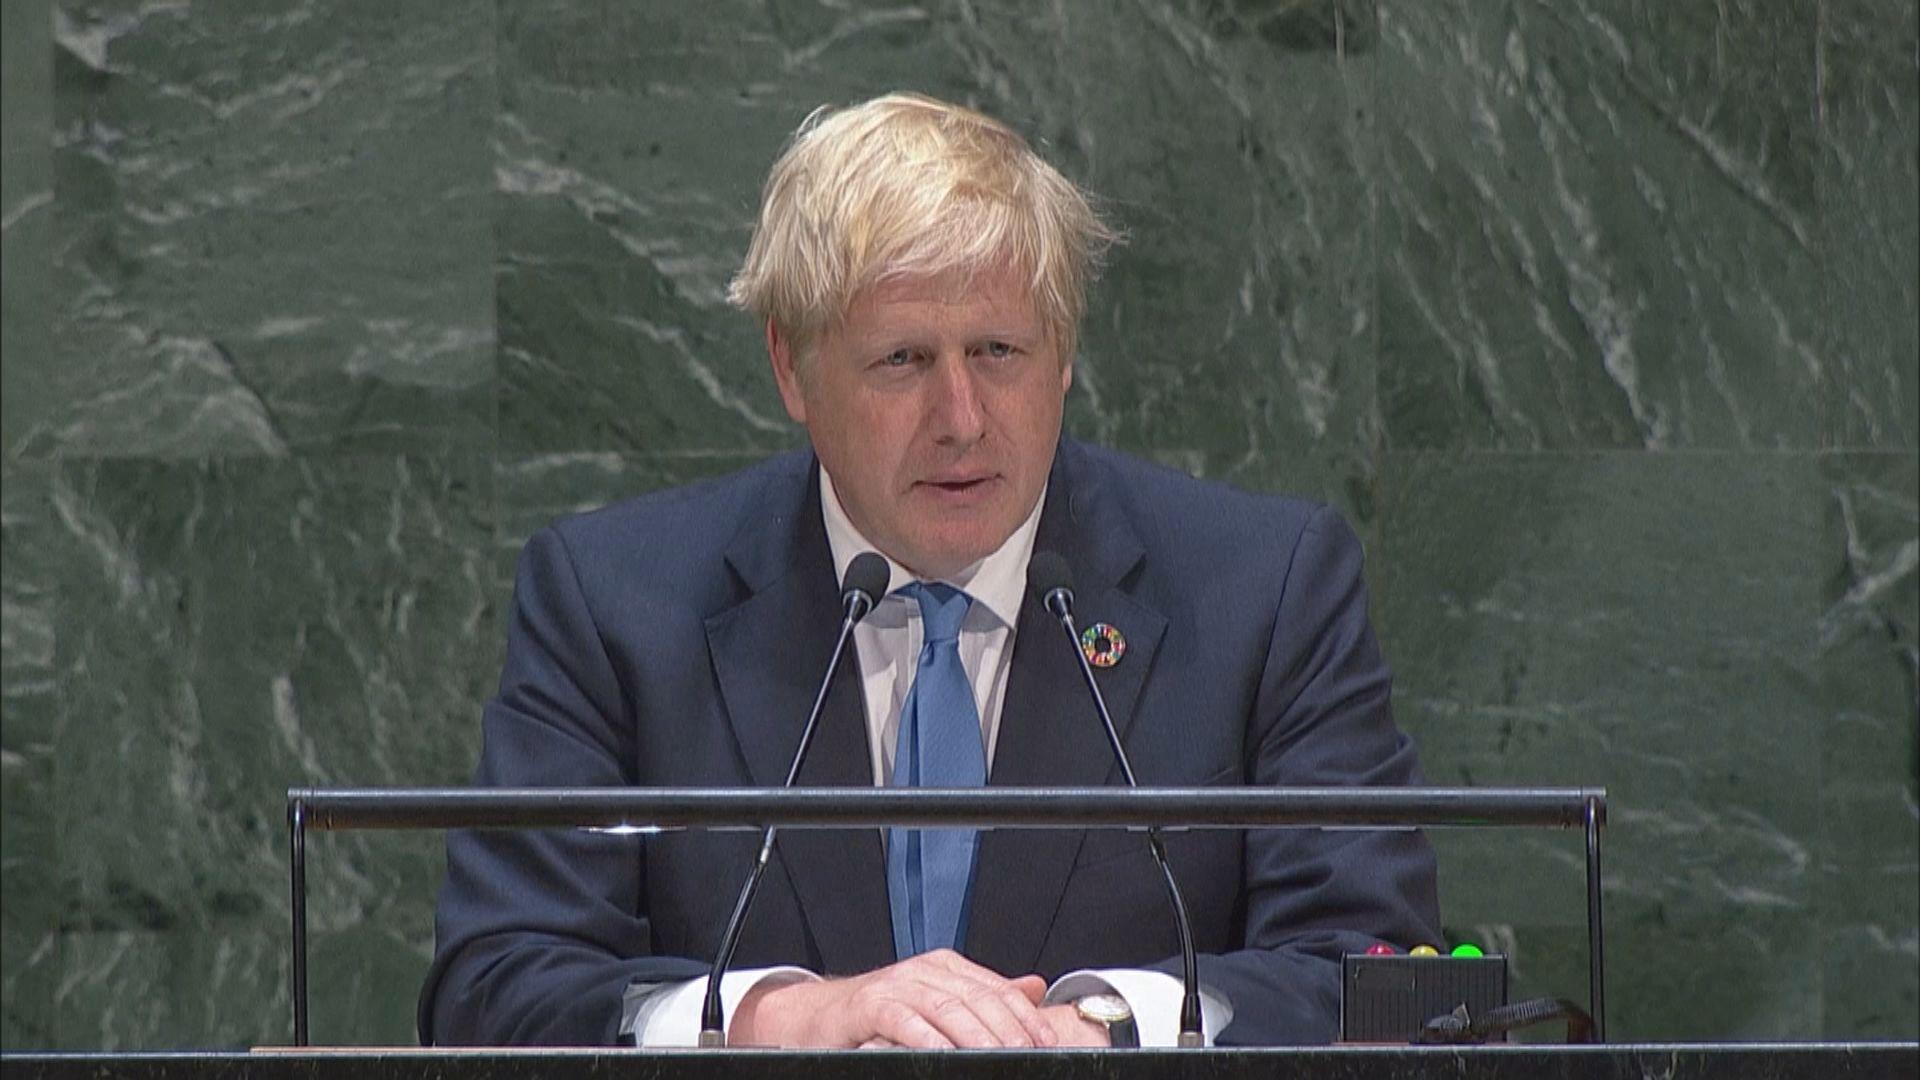 英國國會復會 首相約翰遜縮短紐約行程回國